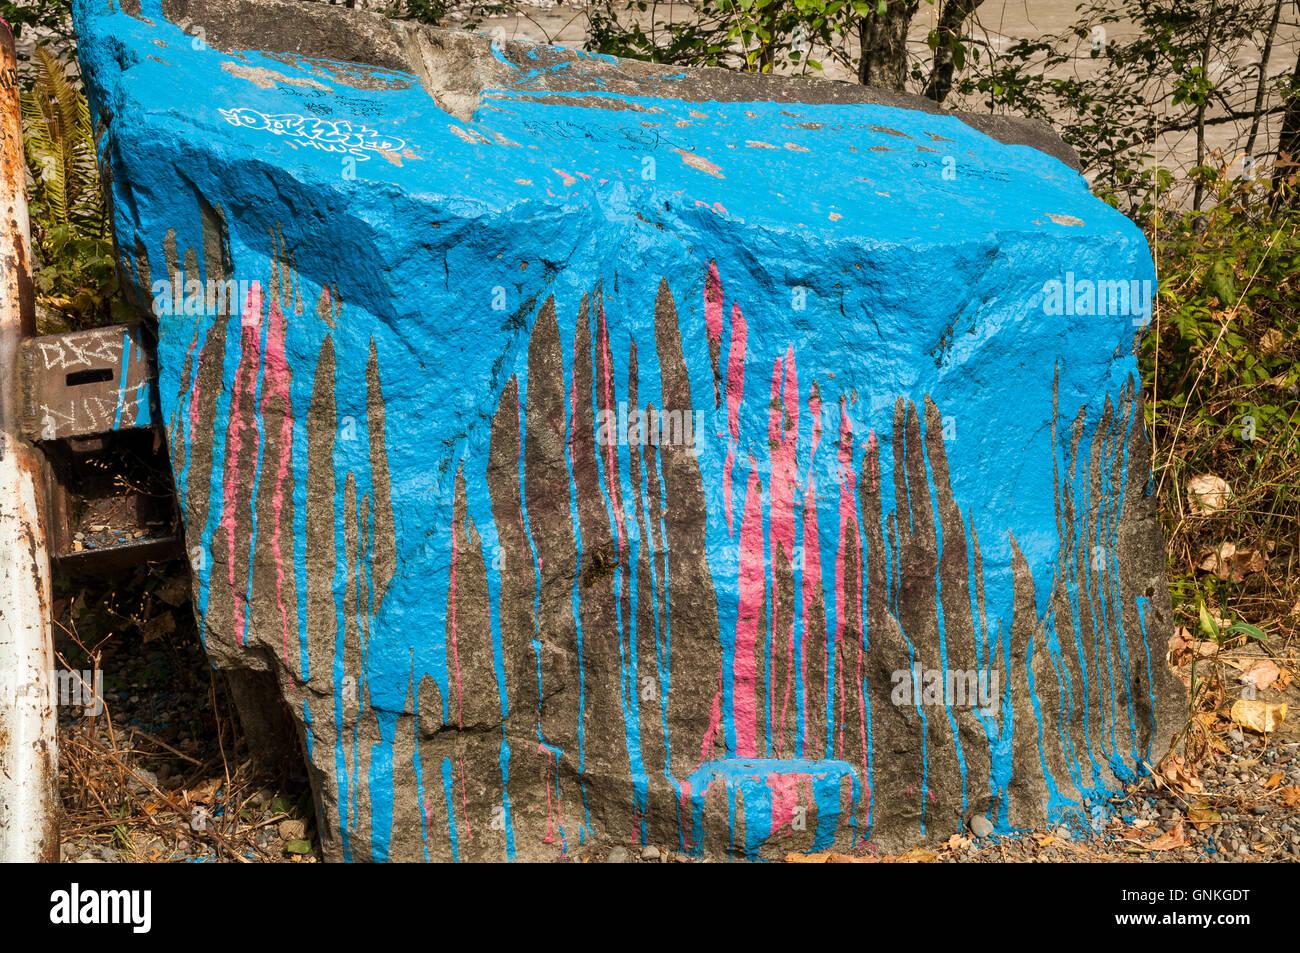 Gran roca pintada con graffiti. Imagen De Stock